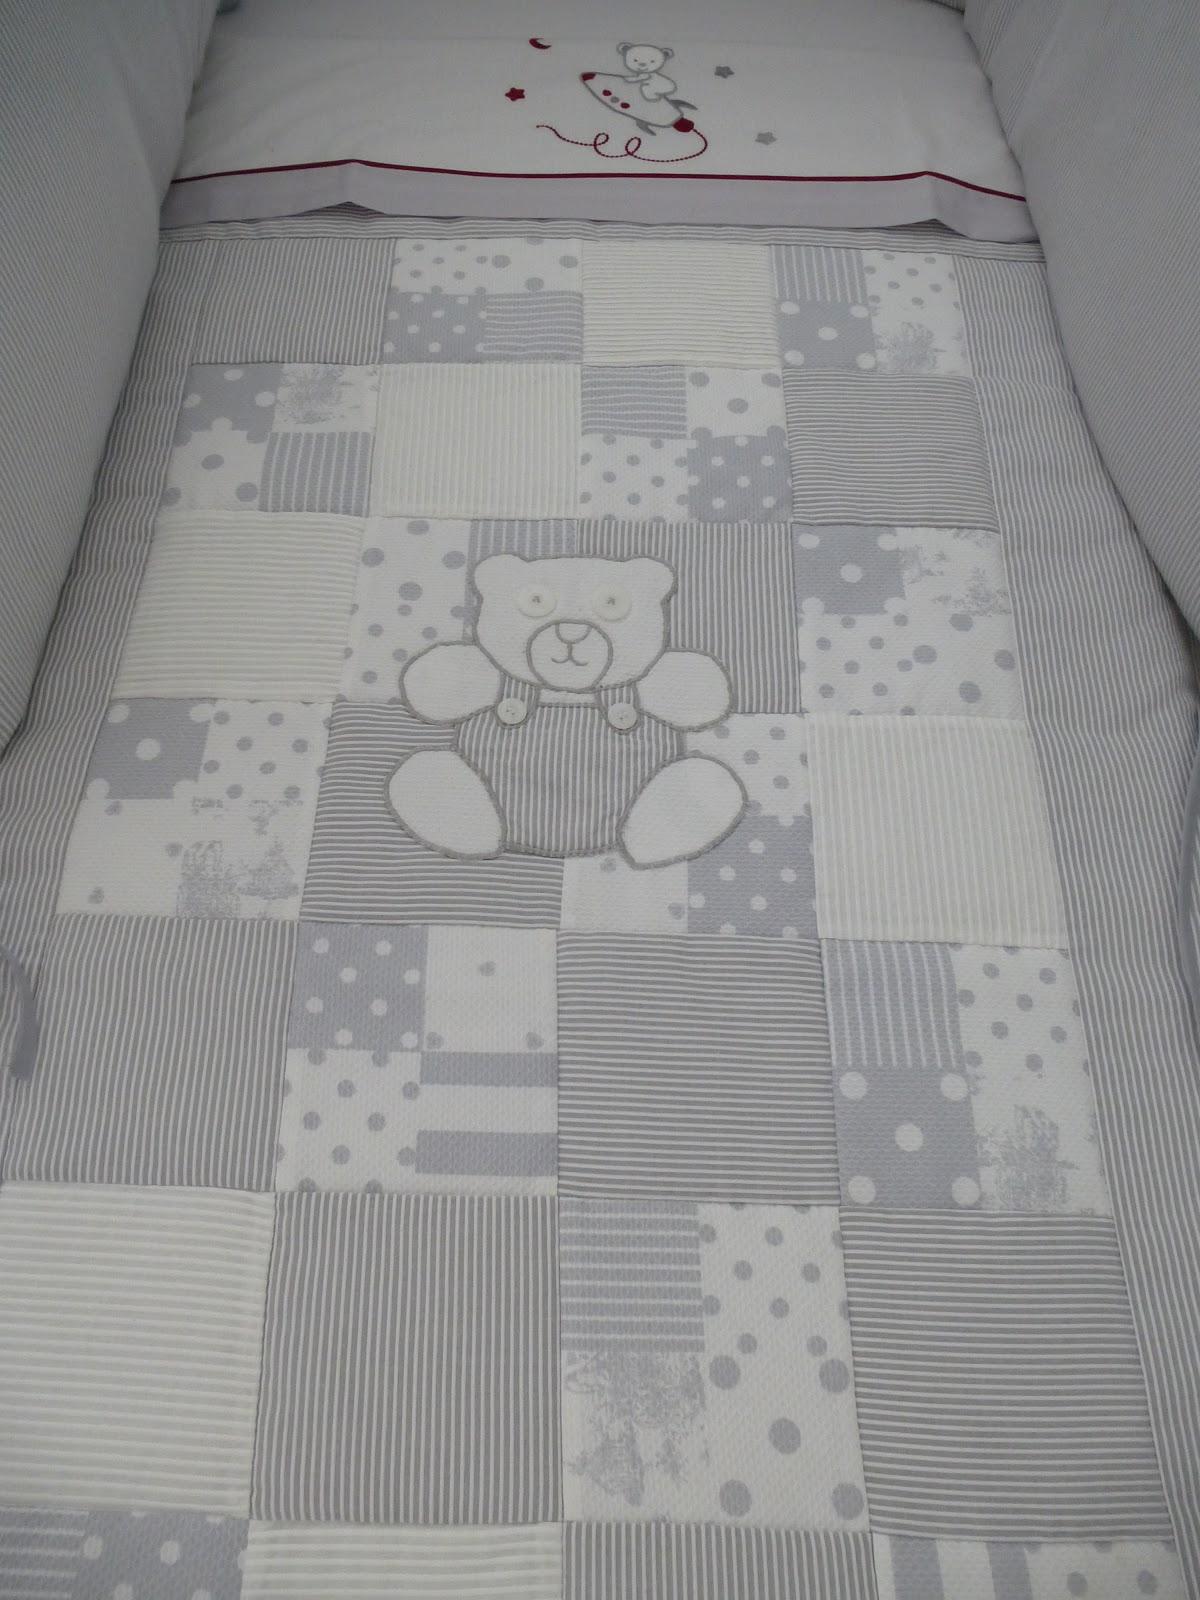 Las labores de mi madre colcha de patchwork - Patrones colcha patchwork ...